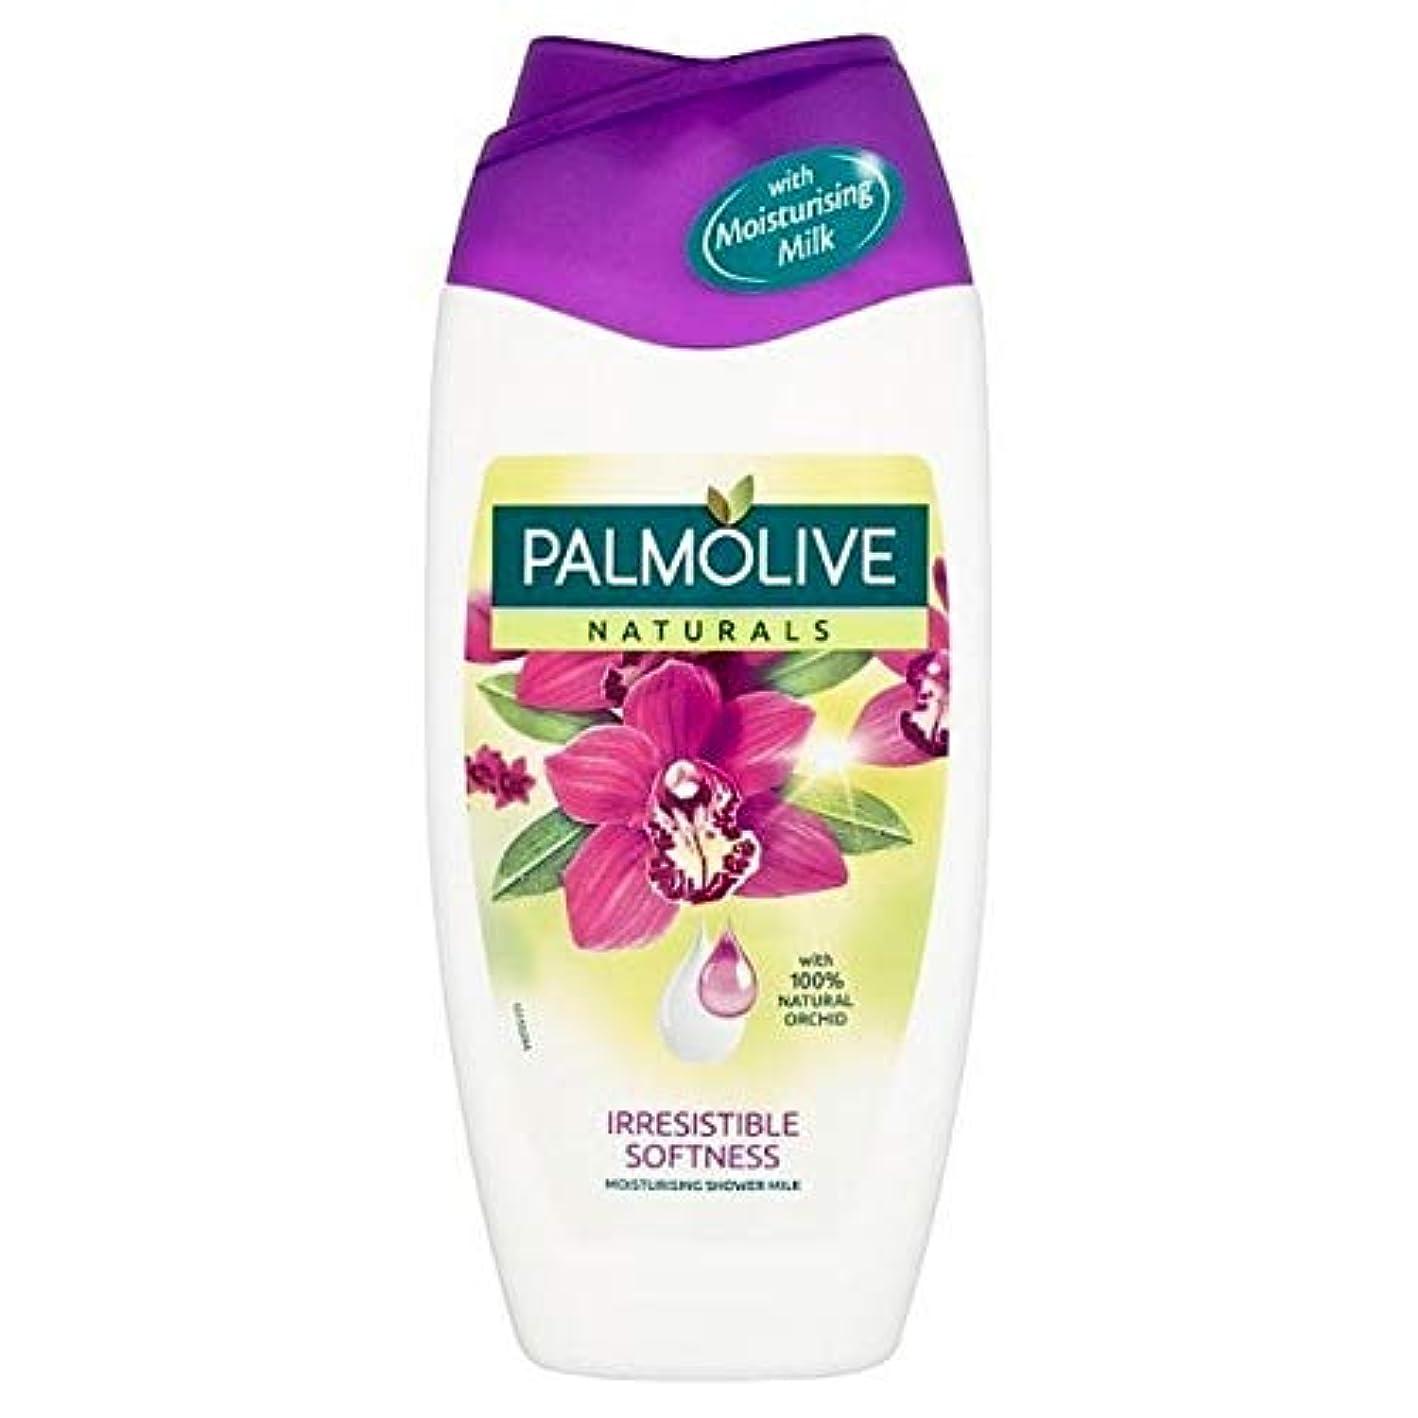 耐えるセットアップオーナー[Palmolive ] パルモライブナチュラルエキゾチックな蘭のシャワージェルクリーム250ミリリットル - Palmolive Naturals Exotic Orchid Shower Gel Cream 250ml...